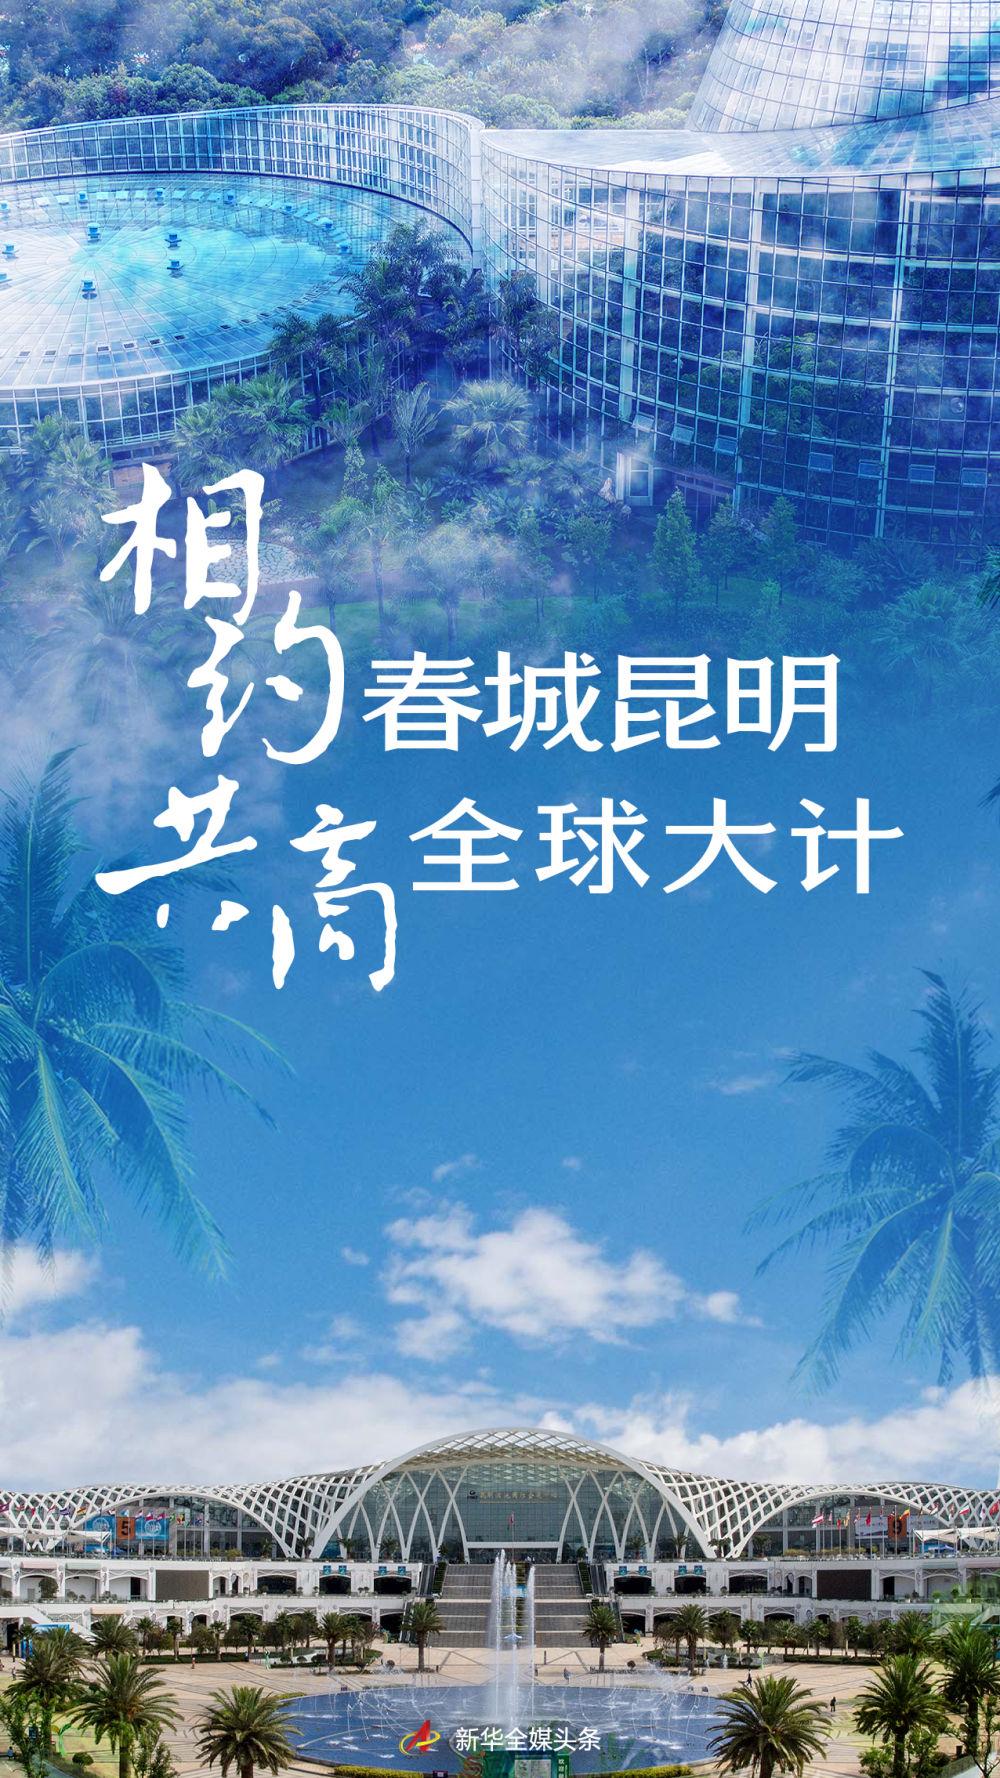 """共商地球生命未来,世界将瞩目中国""""春城"""""""